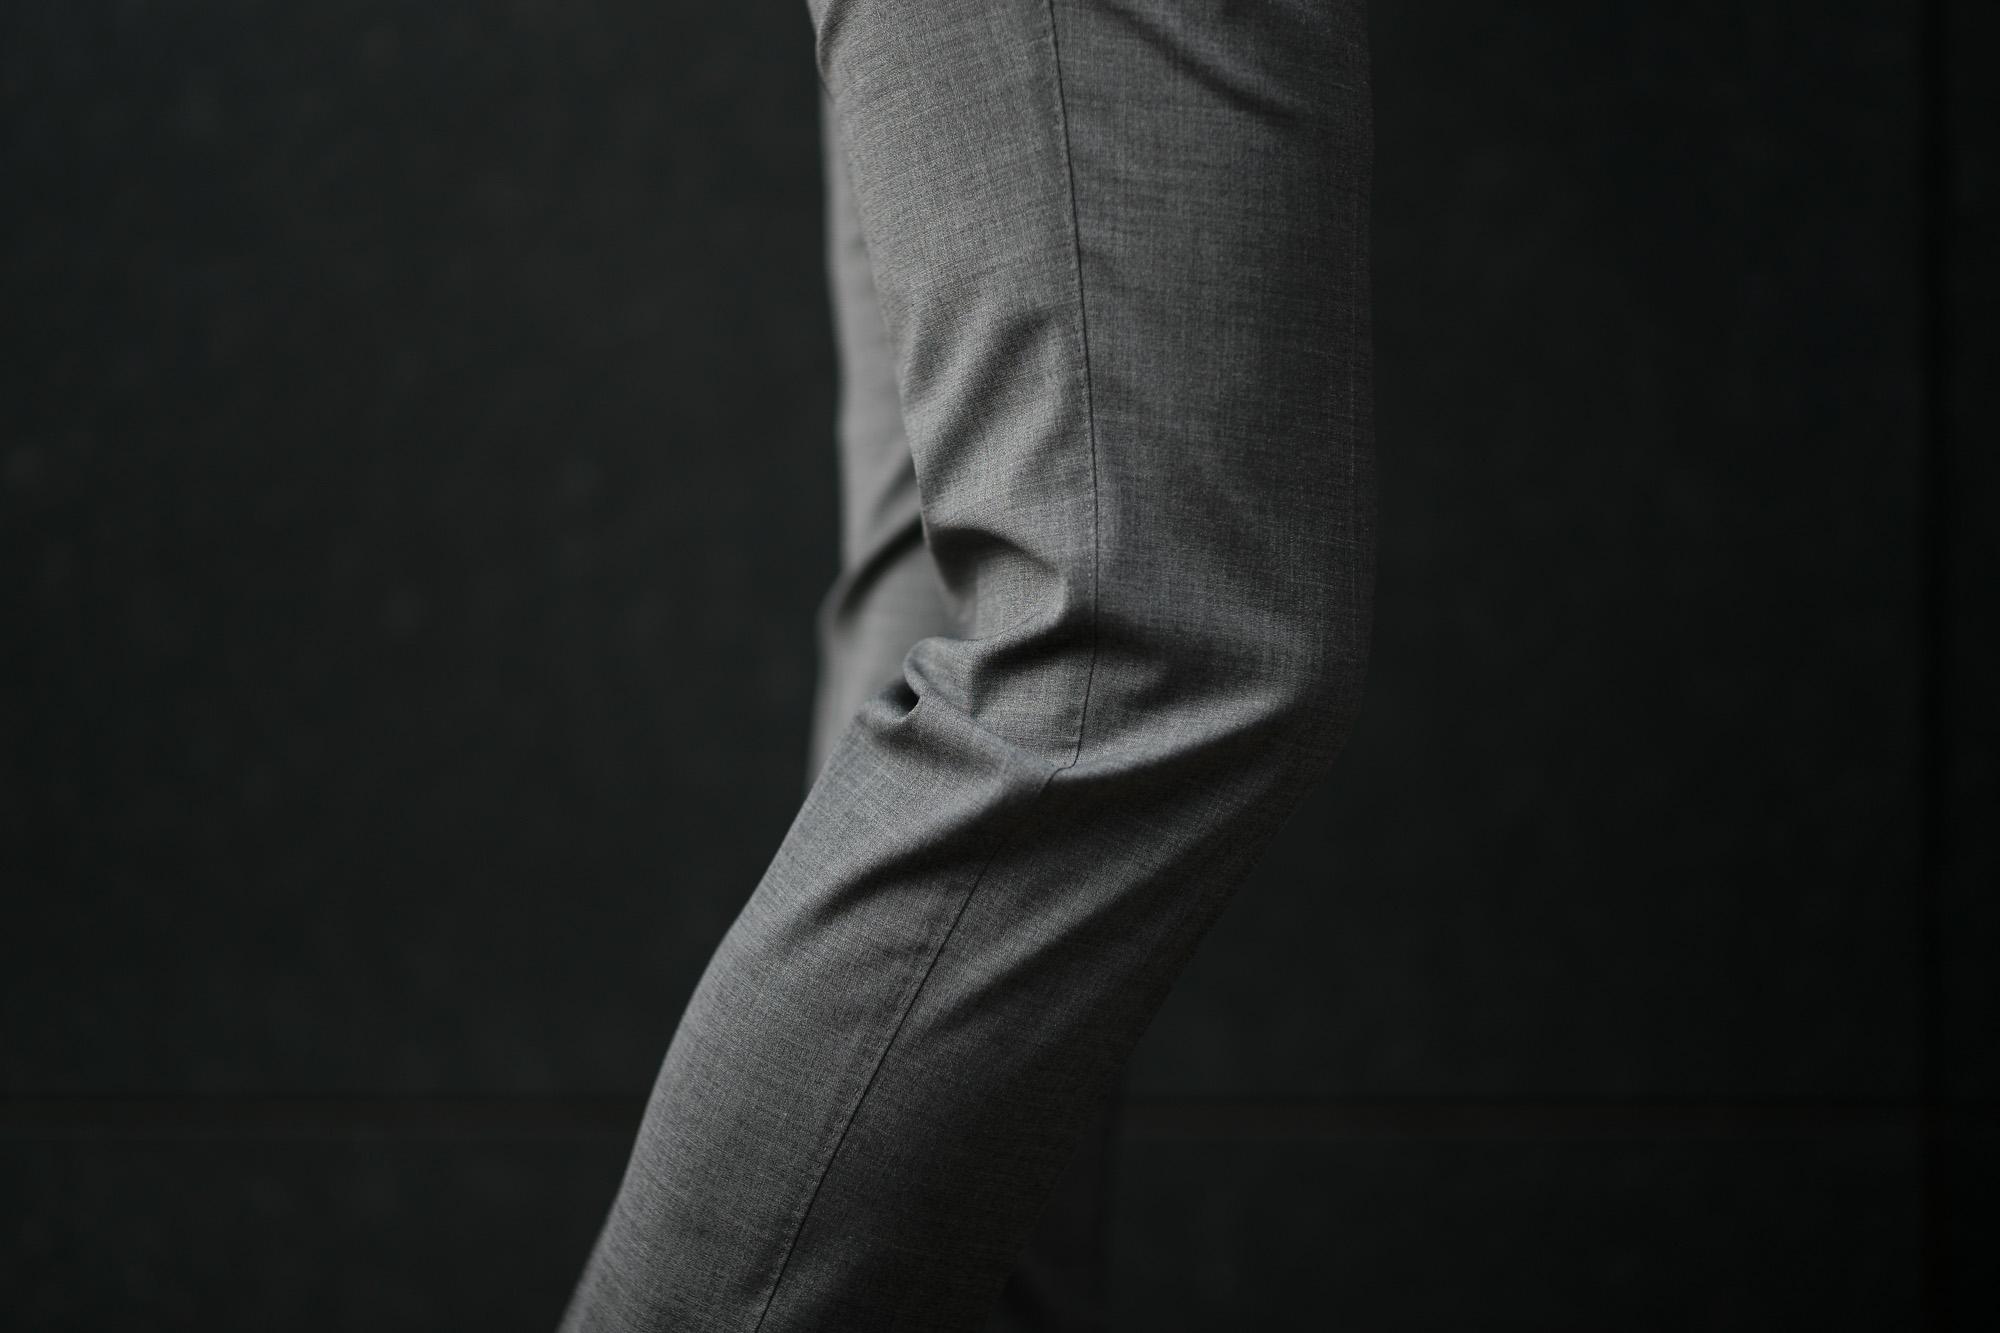 PT01 (ピーティーゼロウーノ) TRAVEL & RELAX SUPER SLIM FIT (スーパースリムフィット) ストレッチ ウォッシャブル トロピカル サマーウール スラックス GRAY (グレー・0230) 2019 春夏新作 愛知 名古屋 altoediritto アルトエデリット グレスラ